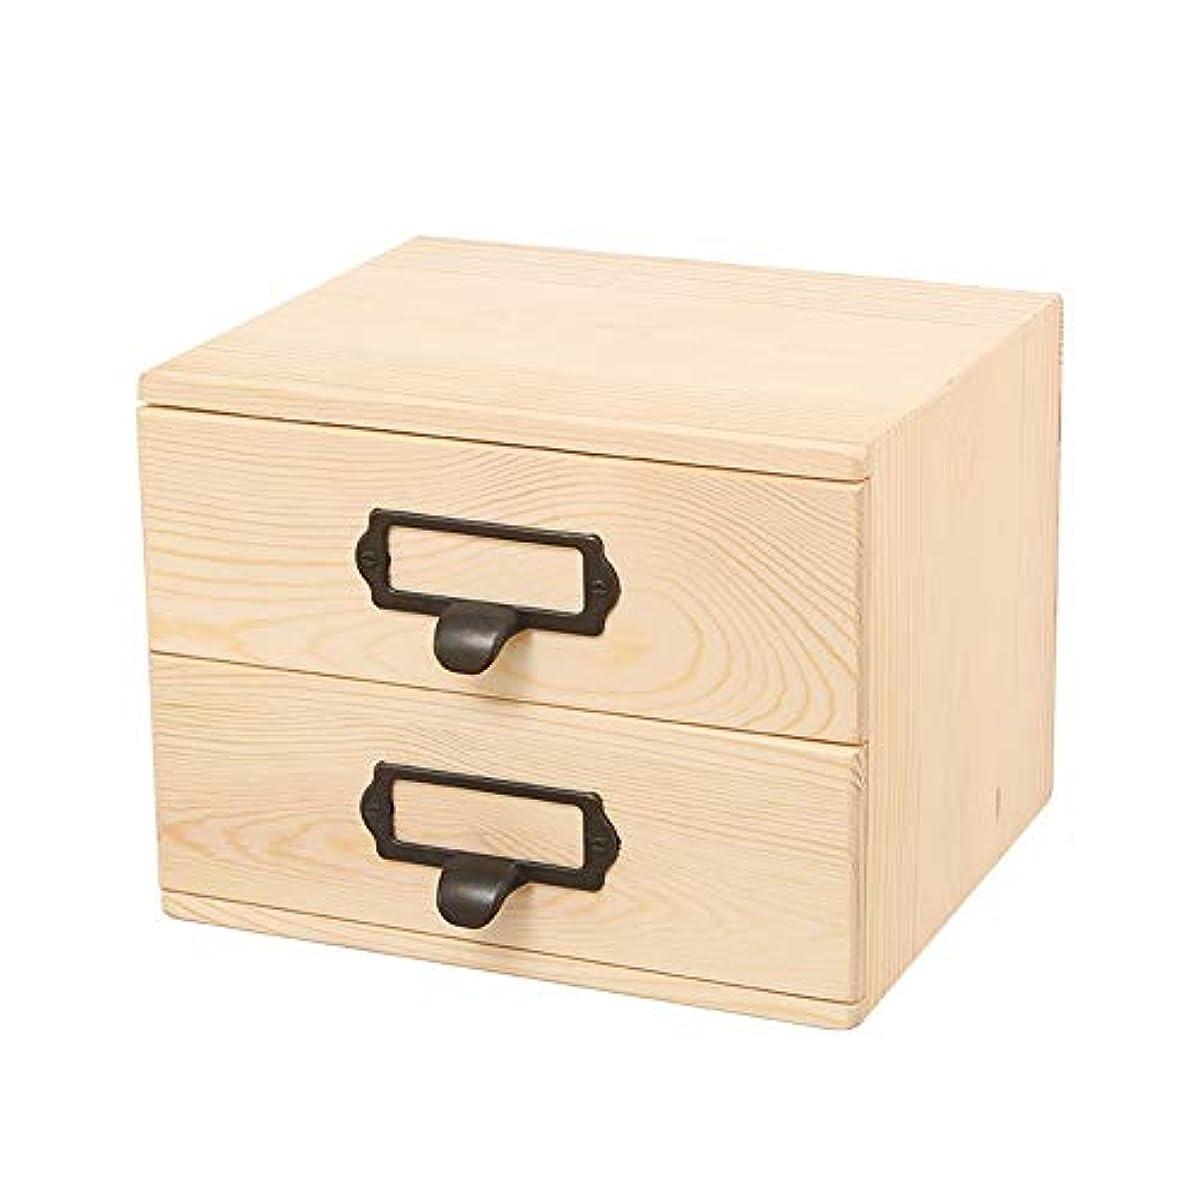 立方体補うり2ティア木エッセンシャルオイルボックスオーガナイザーパーフェクトエッセンシャルオイルケース アロマセラピー製品 (色 : Natural, サイズ : 23.5X19.5X17.5CM)